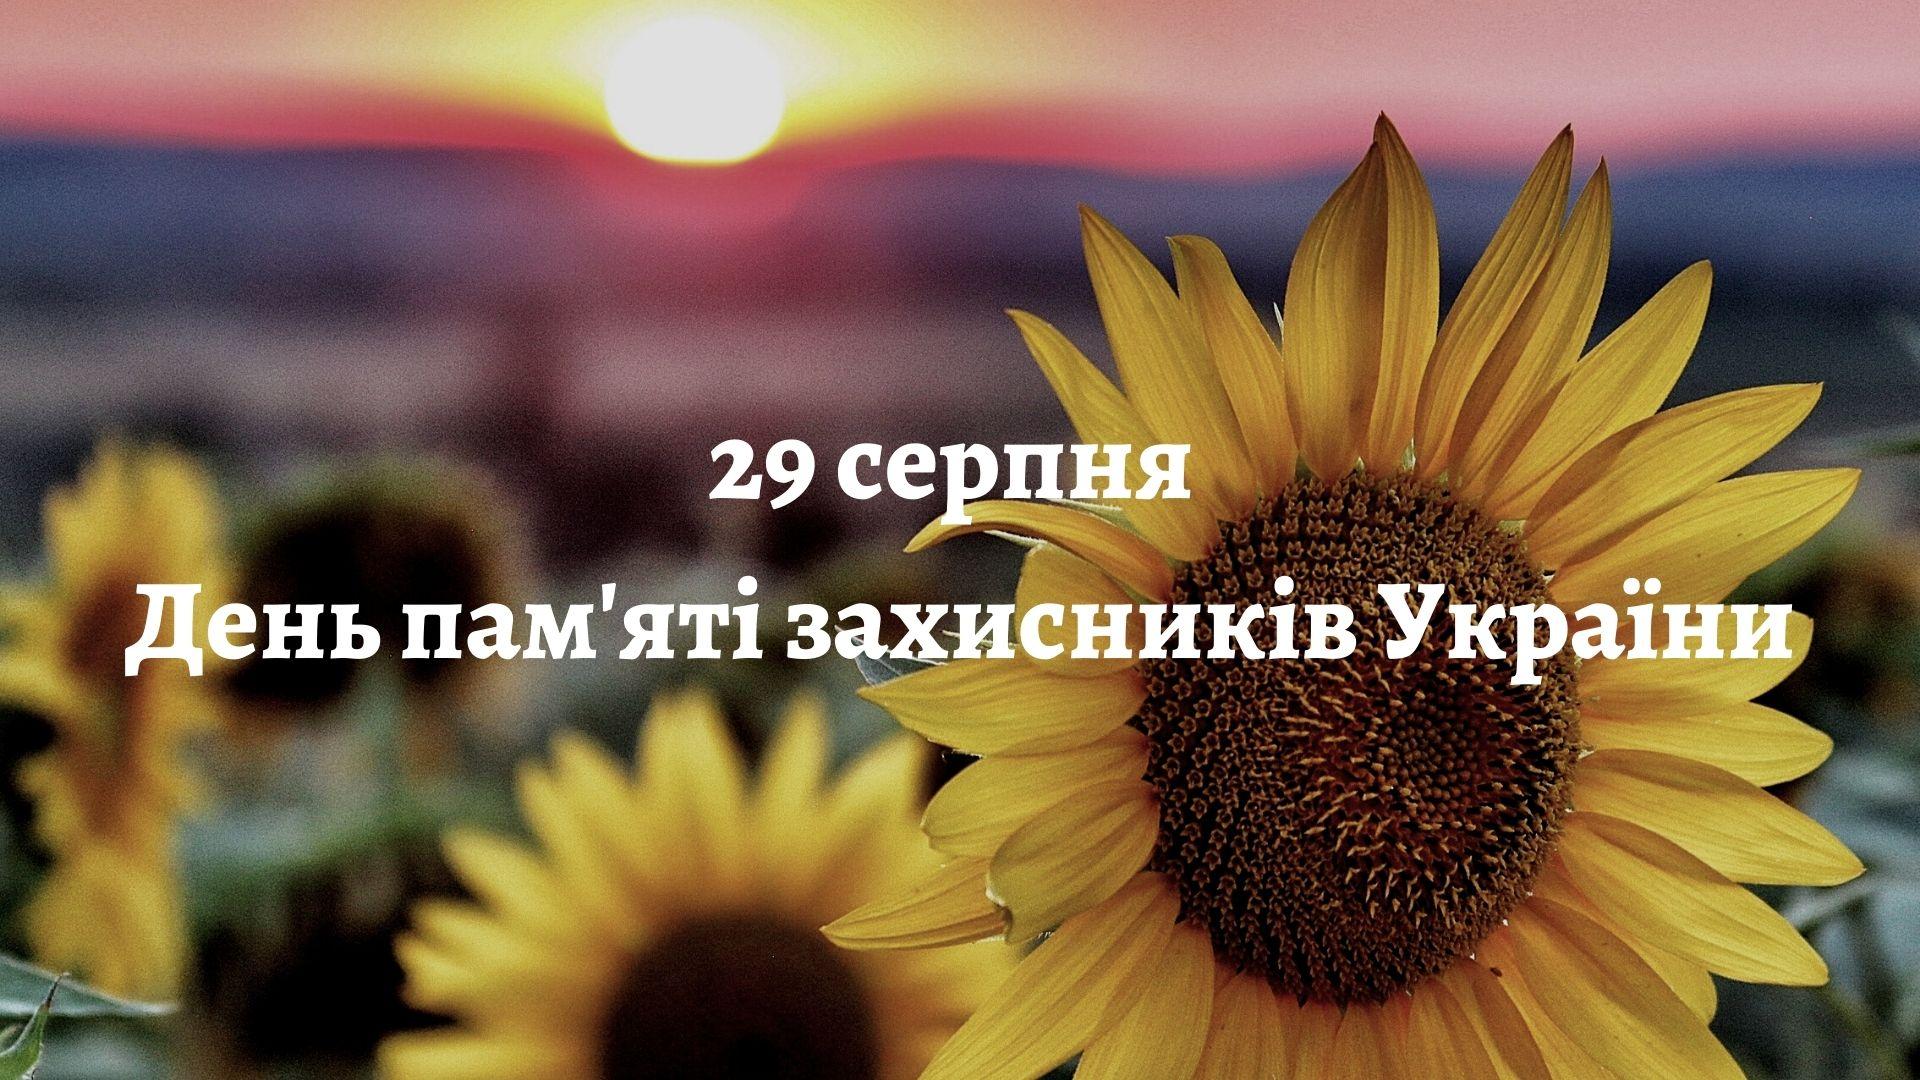 29 серпня на Рівненщині вшанують пам'ять захисників України - КРАПКА